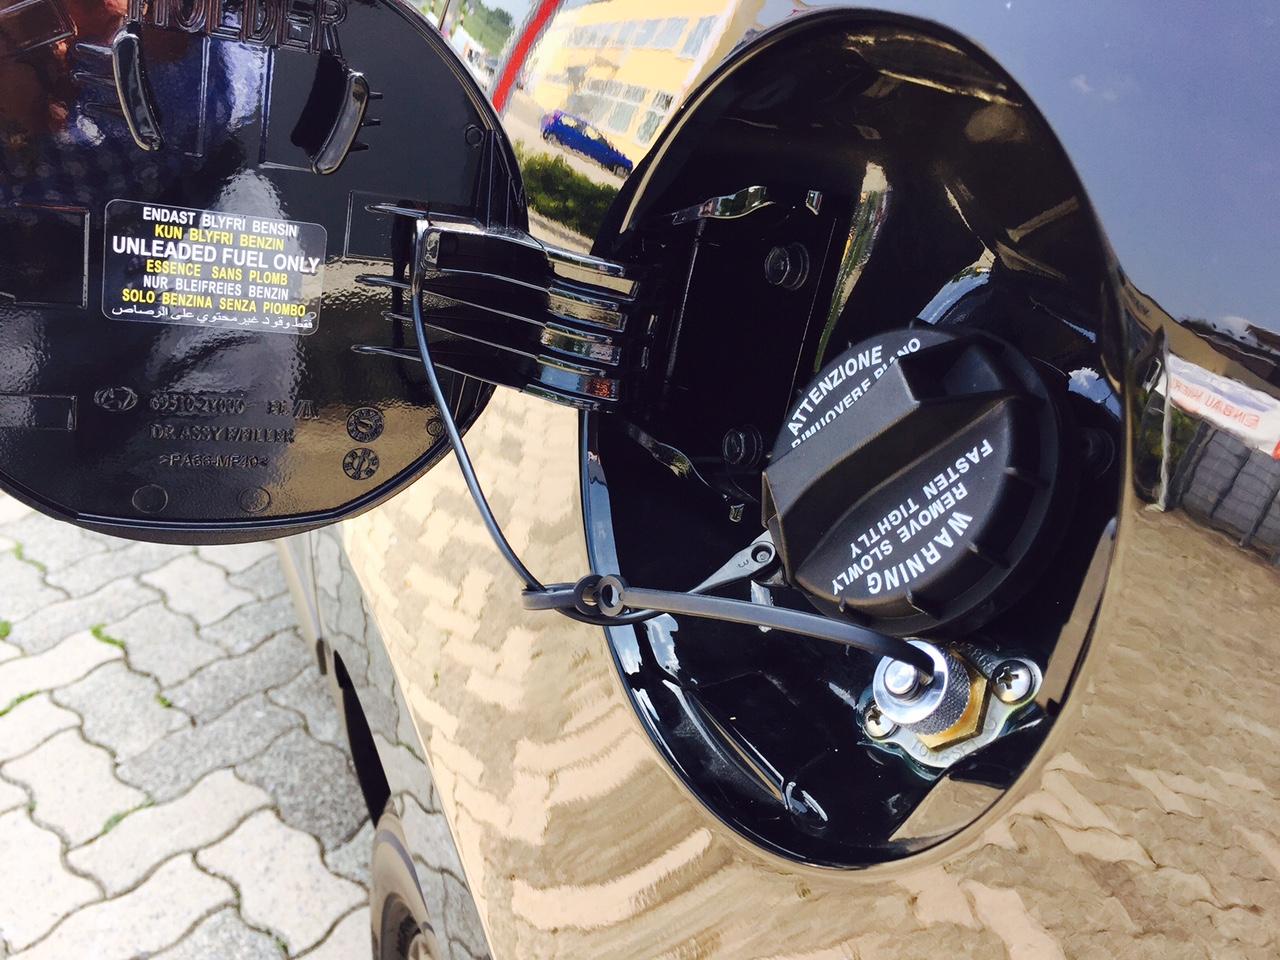 frontgas-autogas-umbau-lpg-hyundai-ix35-16-direkteinspritzer-verkaufsbild-autogasumruesstung-5